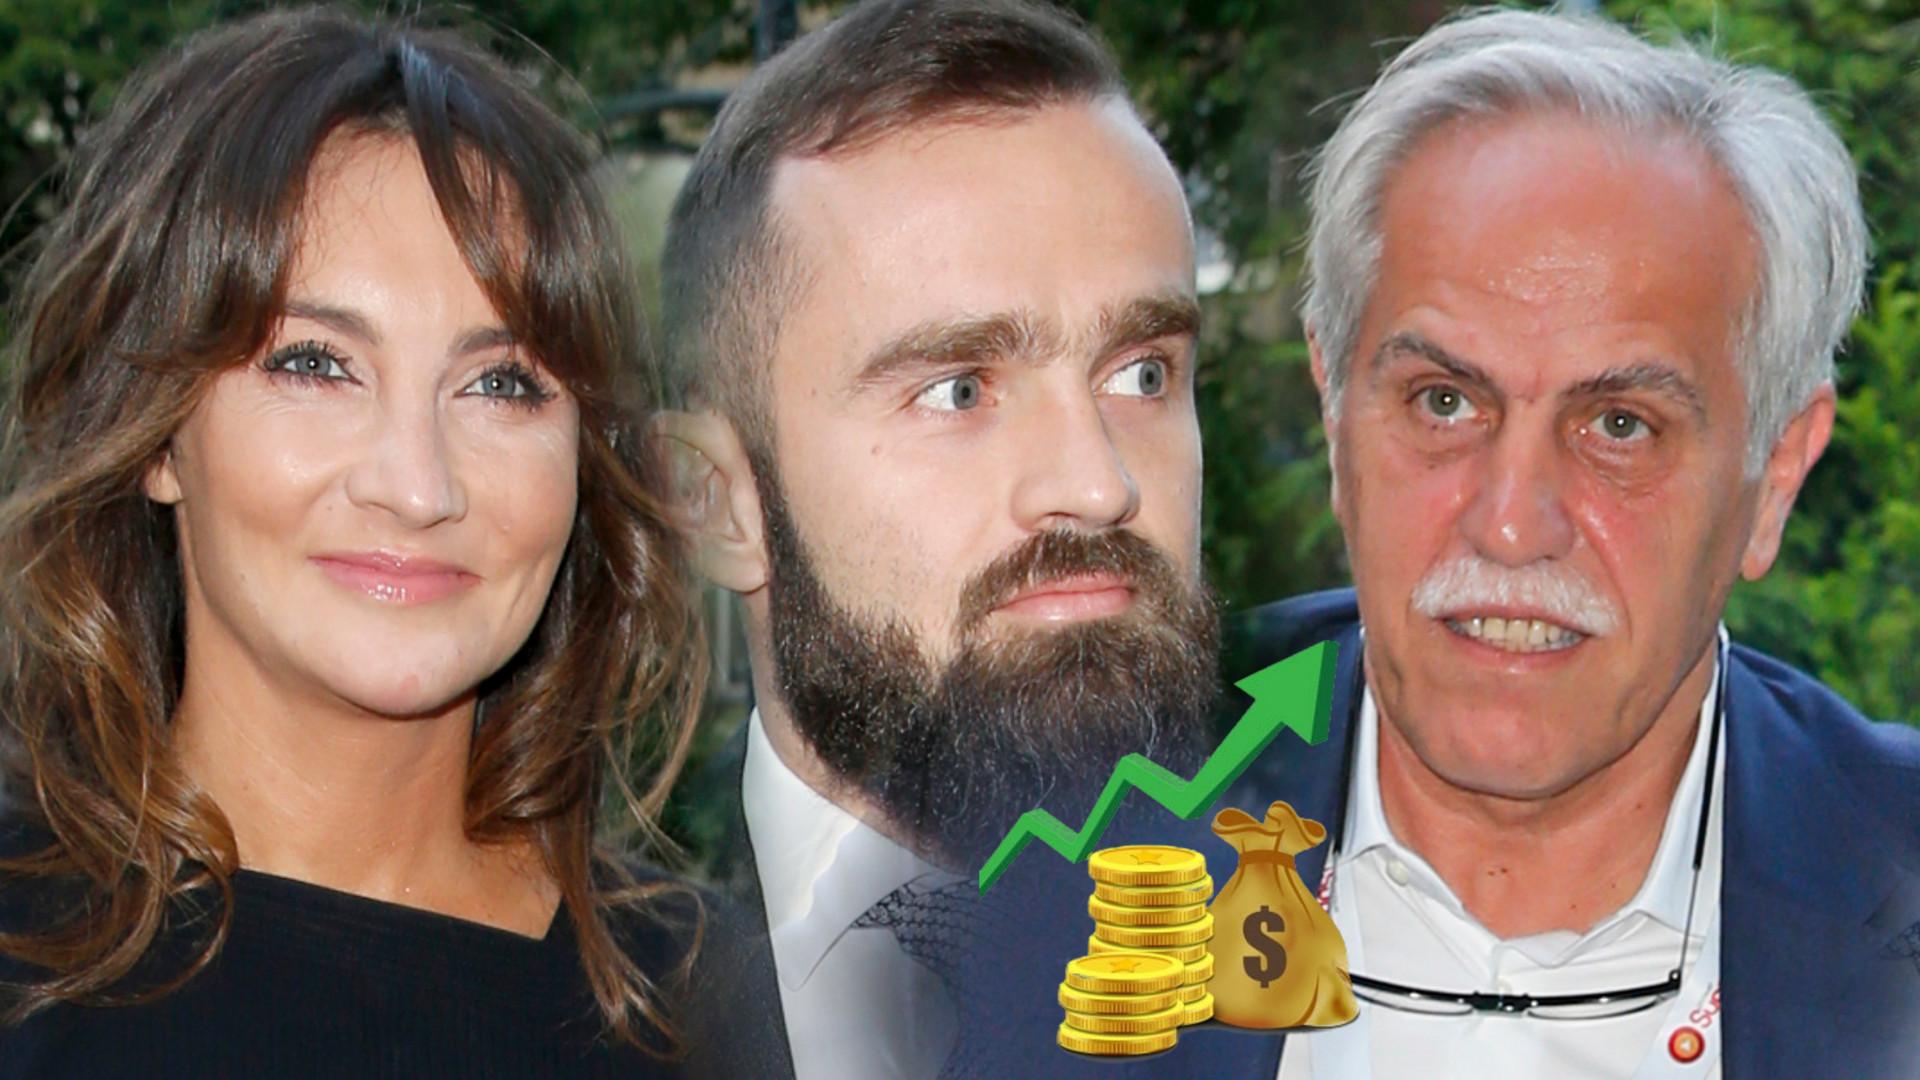 Solorz najbogatszym Polakiem według Wprost, tuż za nim MEGA niespodzianka